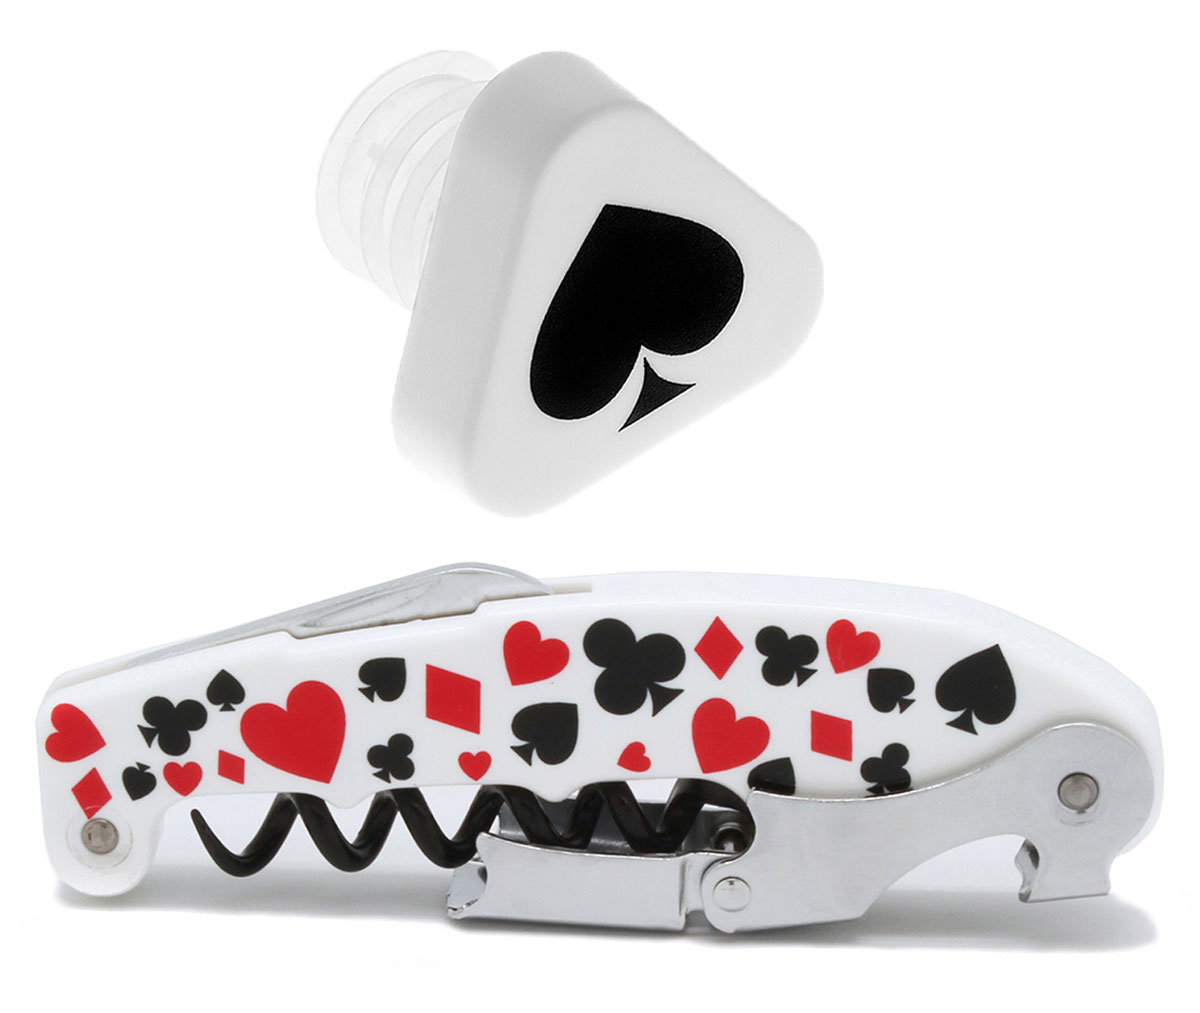 Набор для вина Koala Poker, цвет: белый, 2 предмета63320000Набор для вина Poker от испанского бренда Koala выполнен в фирменном стиле знаменитой карточной игры. Готовое решение на подарок! Сет оптимален для домашнего использования. В набор входят: штопор Retro, пробка-каплеуловитель. Штопор Retro:- Позволяет комфортно срезать фольгу, легко и быстро открыть винные бутылки.- Рукоятка украшена карточным принтом.- Спираль с тефлоновым покрытием легко входит в пробку, предотвращая ее разламывание.- Запатентованная технология - храповый механизм двойного рычага с 7 позициями - обеспечивает комфортное извлечение пробки.- Умная головка с 2-рычажной системой позволяет открыть бутылку двумя движениями.Пробка-каплеуловитель:- Каплеуловитель хорошо фиксируется в горлышке.- Пробка декорирована пикой - самой сильной мастью карточной колоды.- Комфортно вставляется и вынимается из бутылки.- Предотвращает вытекание вина. Произведено в Испании. Поставляется в подарочной упаковке.